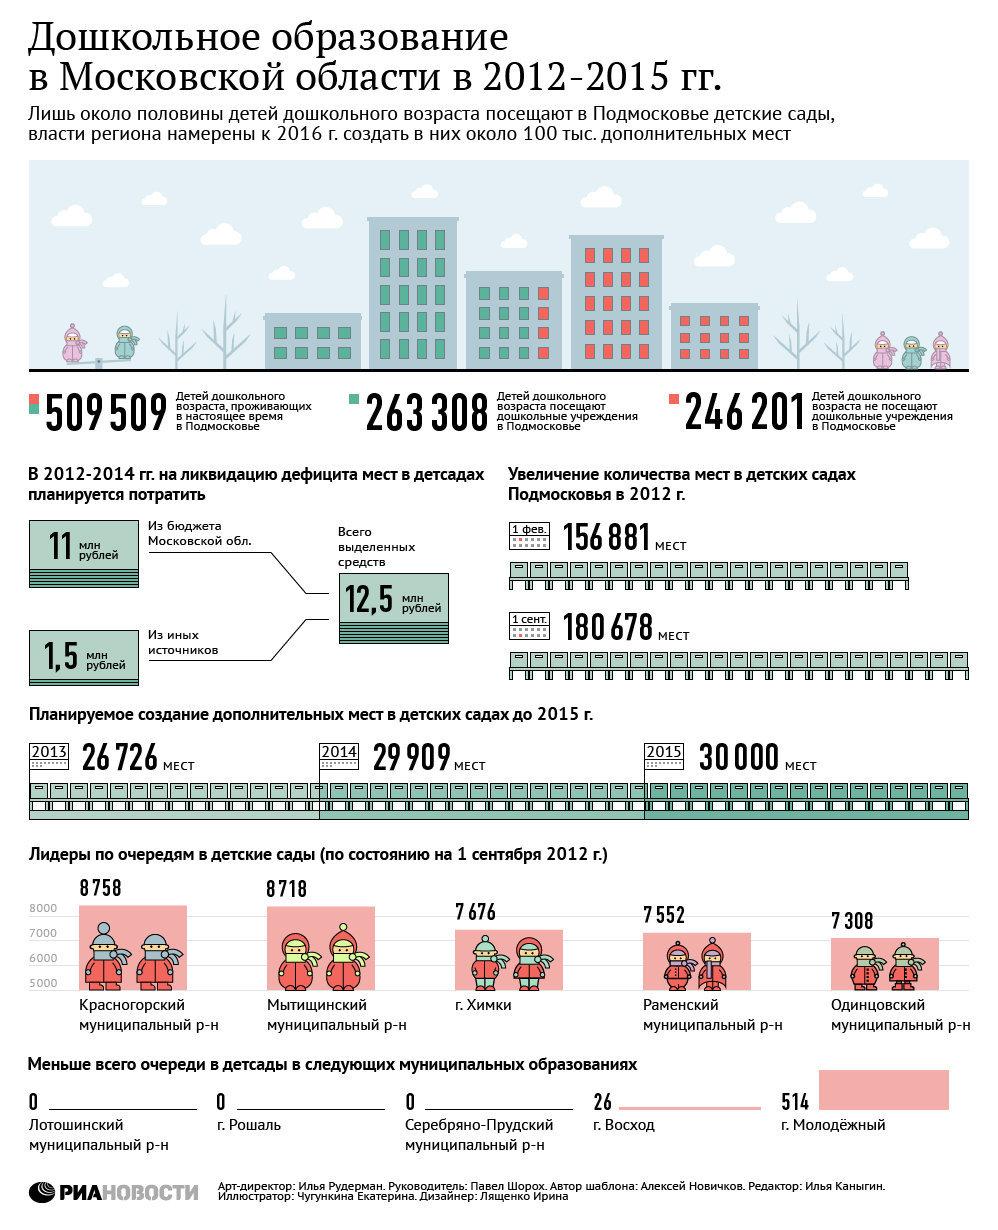 Дошкольное образование в Московской области в 2012-2015 гг. Инфографика